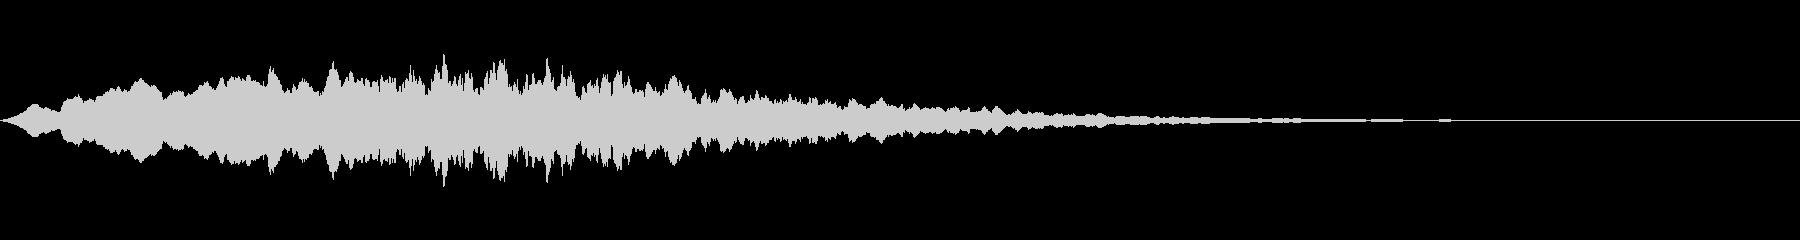 不協和音の未再生の波形